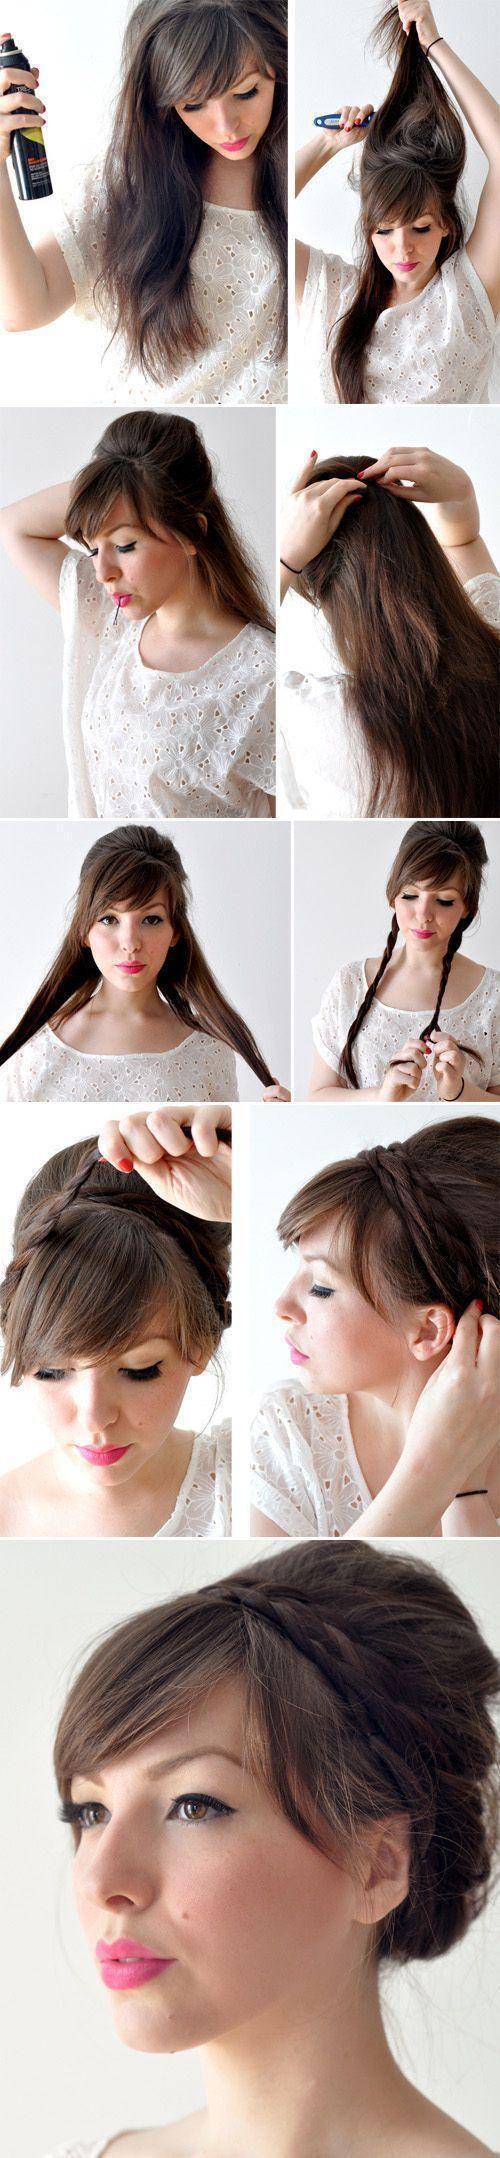 DIY Do It Yourself Hair Ideas